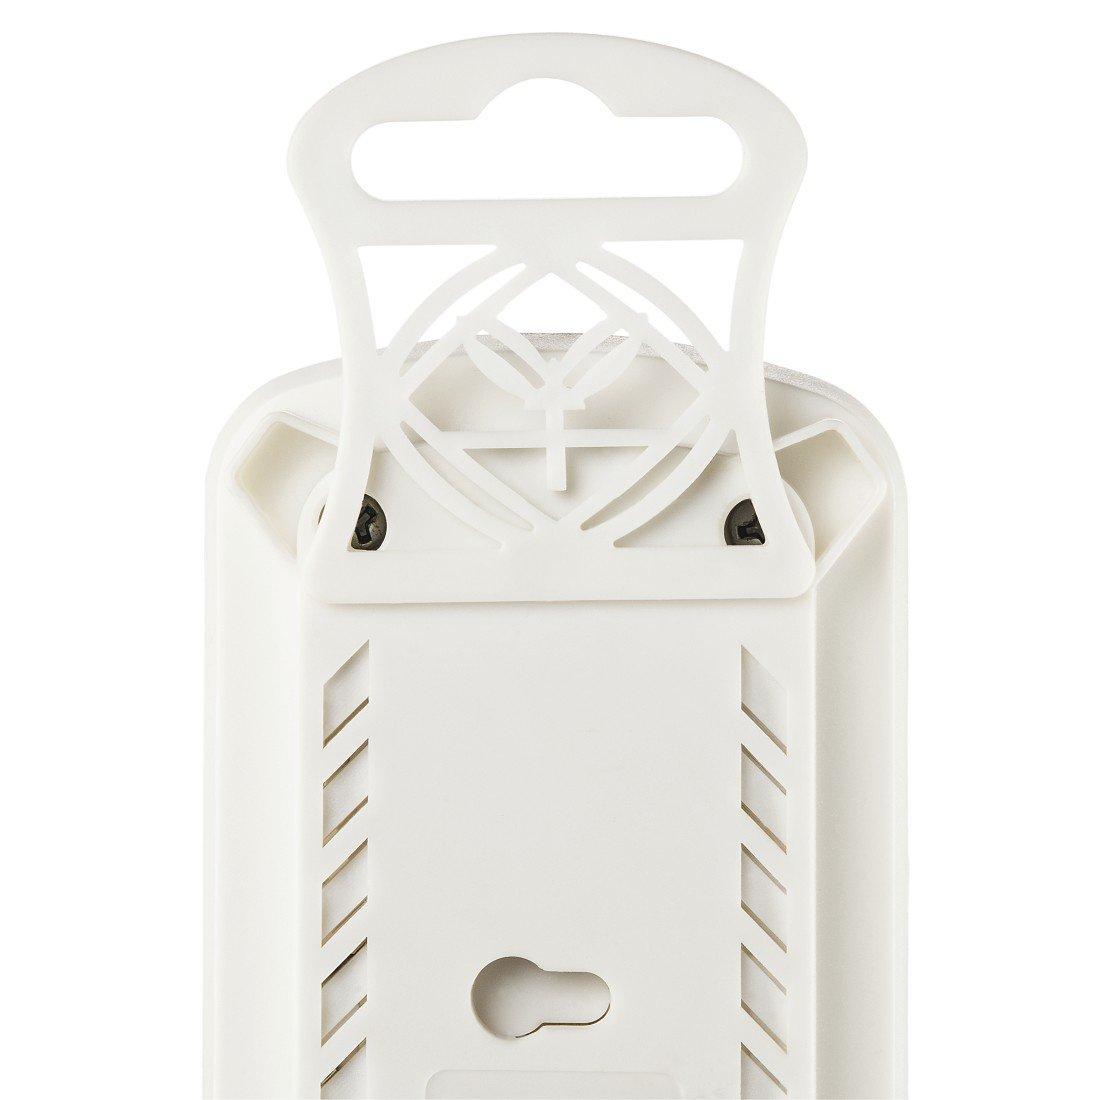 Удлинитель НАМА на 6 розеток, с выключателем, 1,5 м, белый фото 5